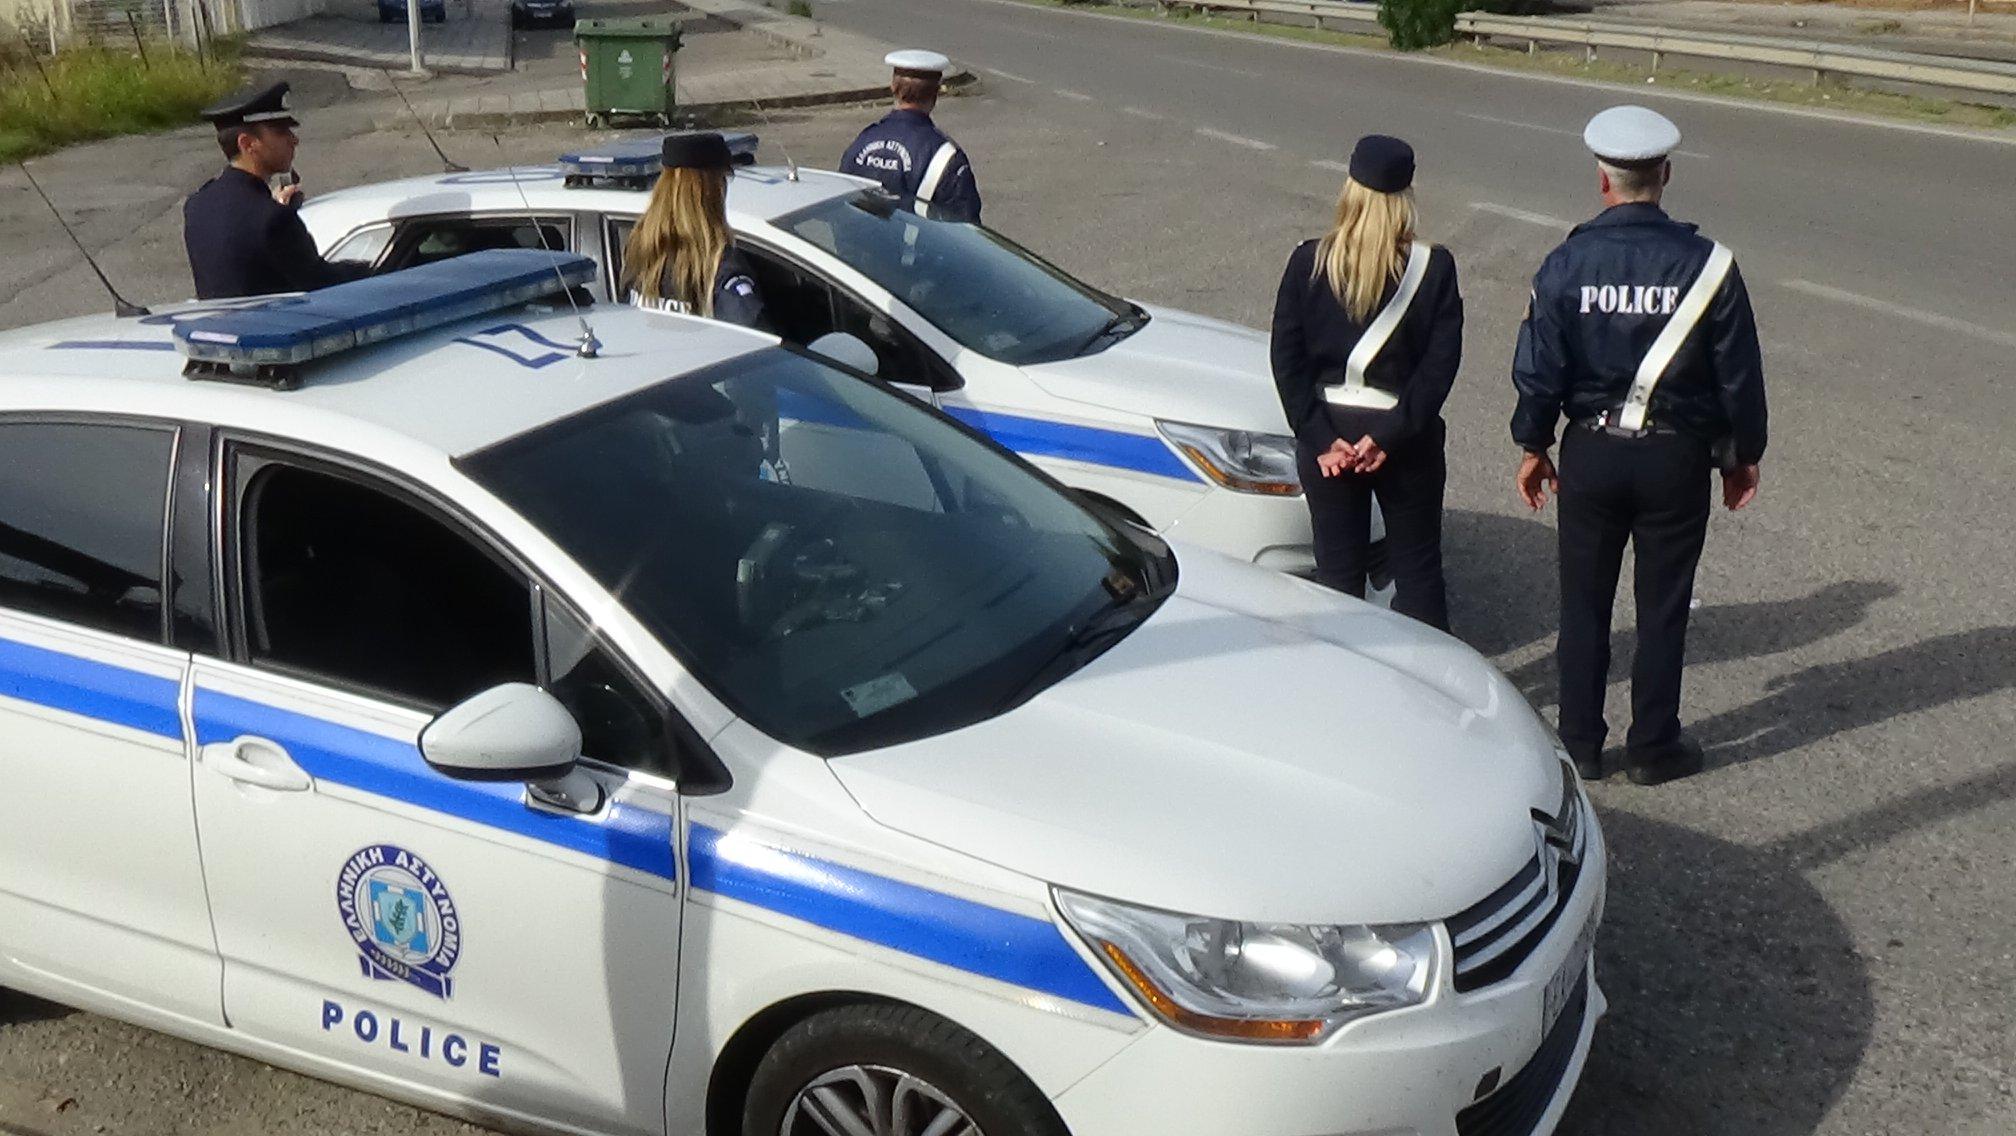 Ναύπακτος: Δύο νέες συλλήψεις νεαρών για οδήγηση χωρίς δίπλωμα